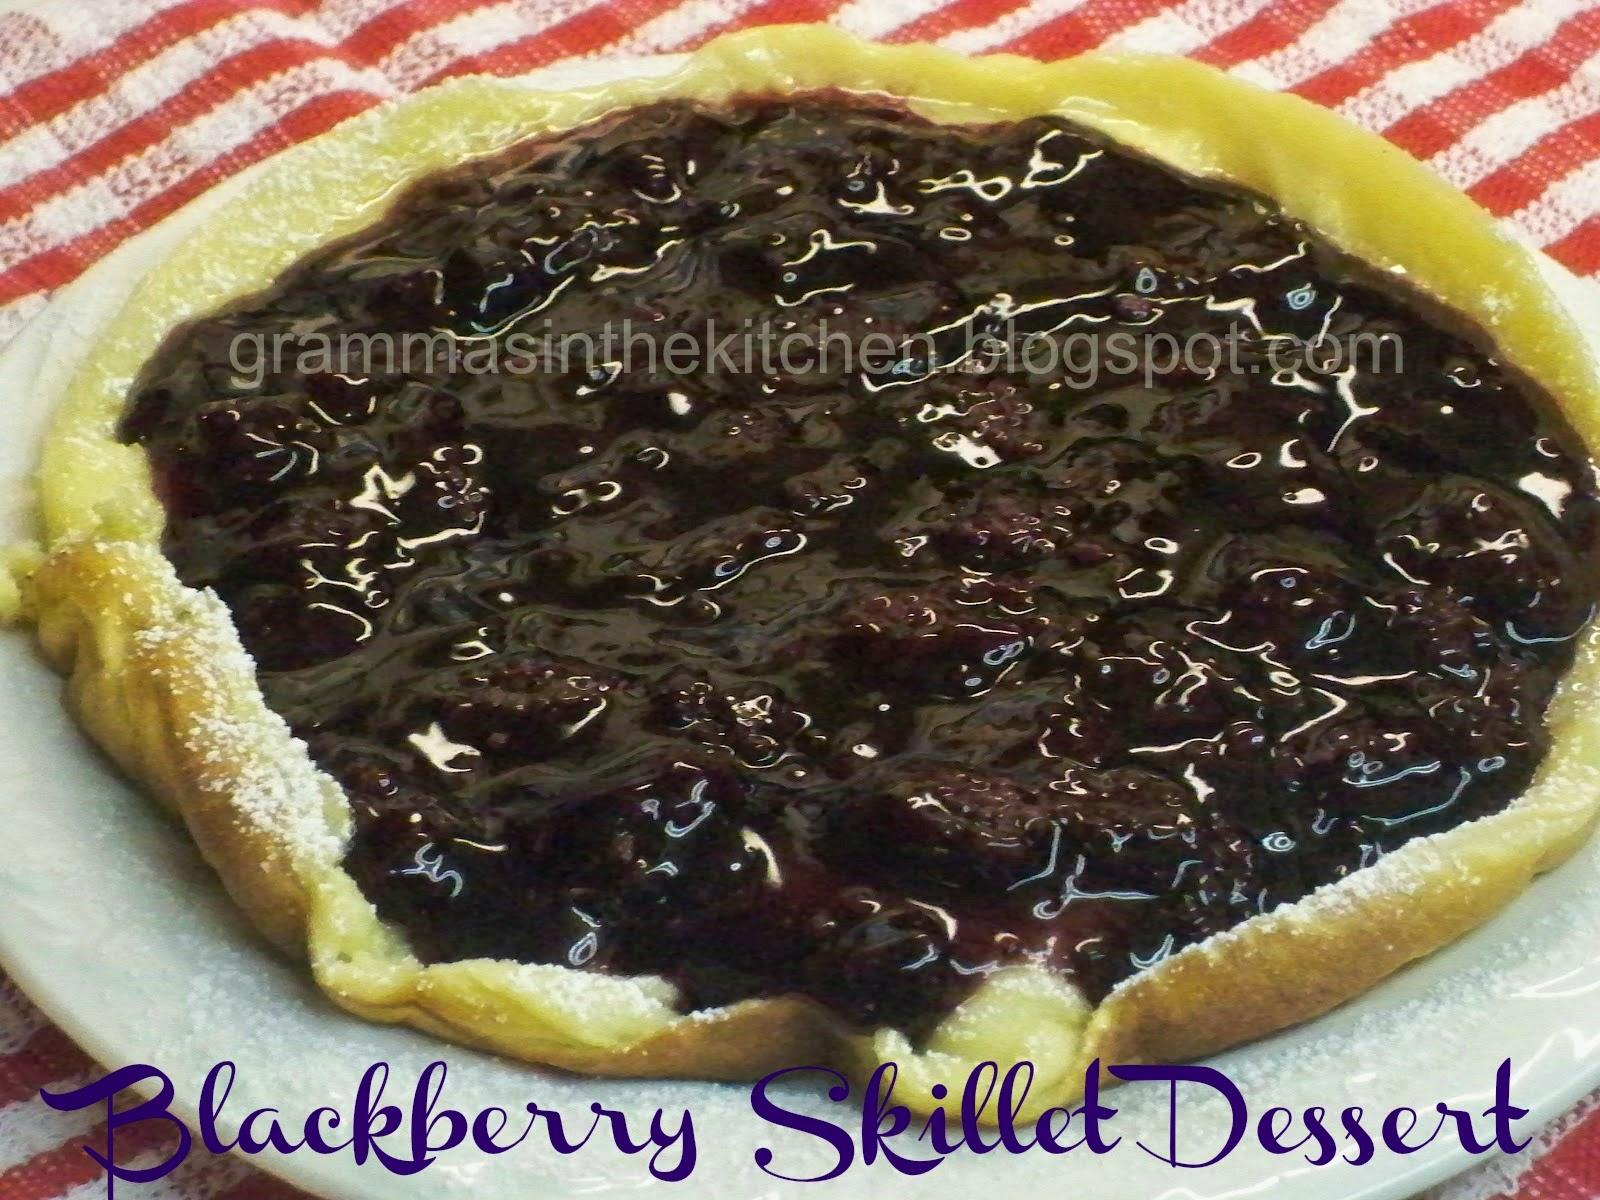 http://grammasinthekitchen.blogspot.com/2012/04/blackberry-skillet-dessert.html